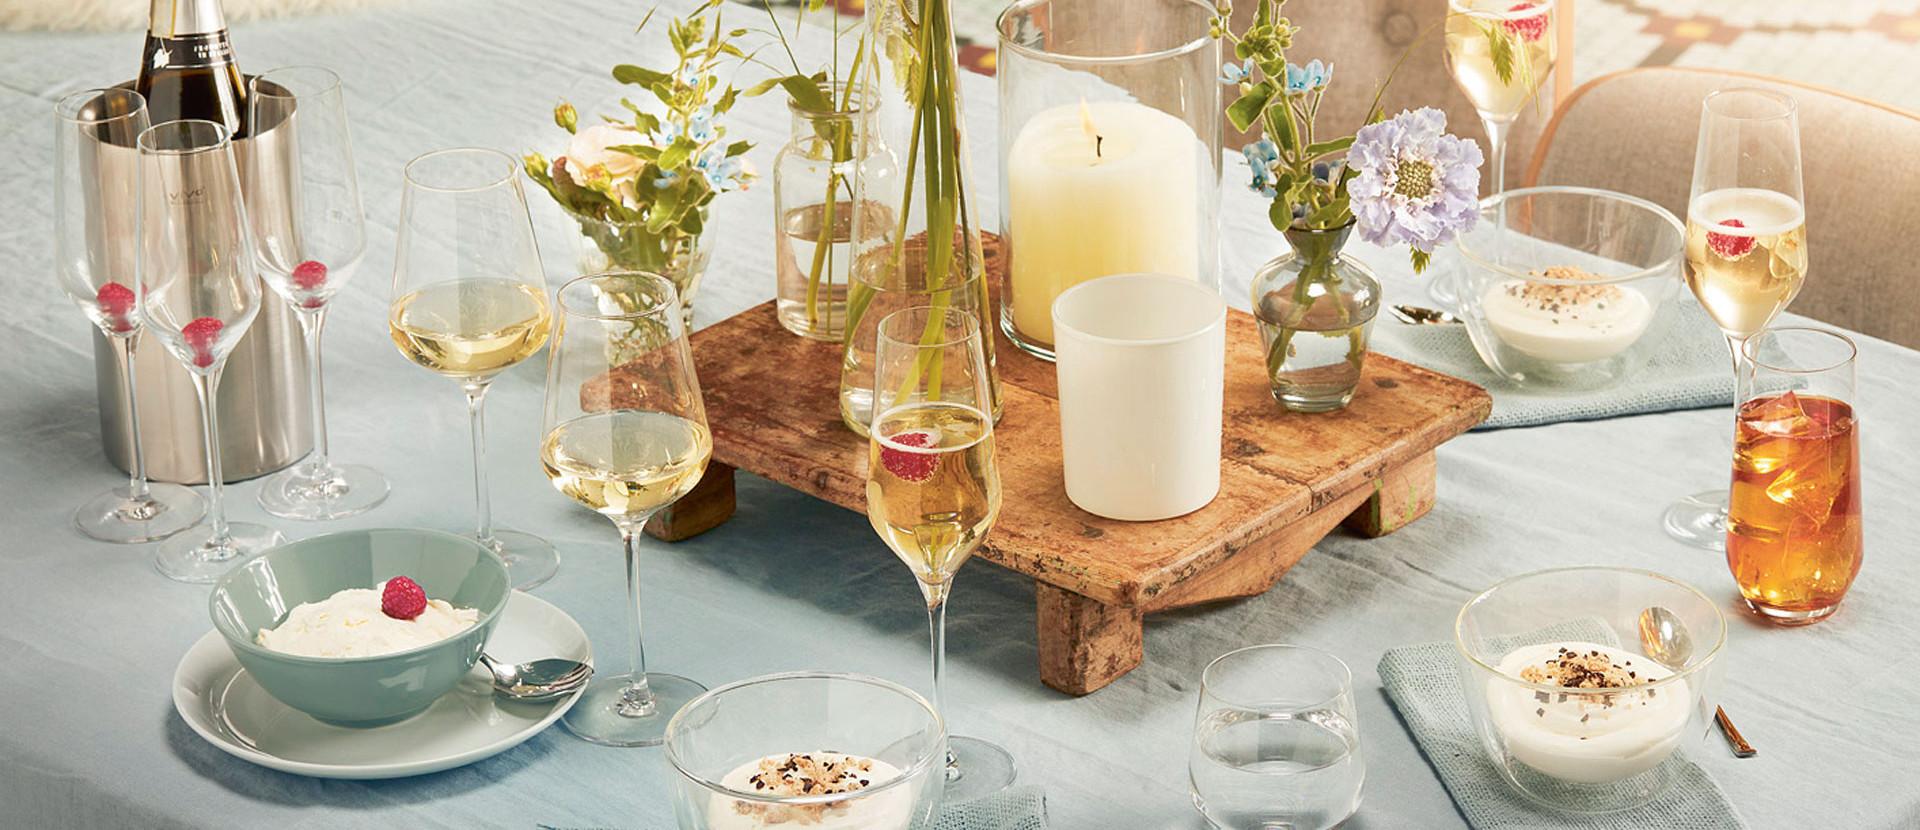 Produkte von Vivo auf gedecktem Tisch